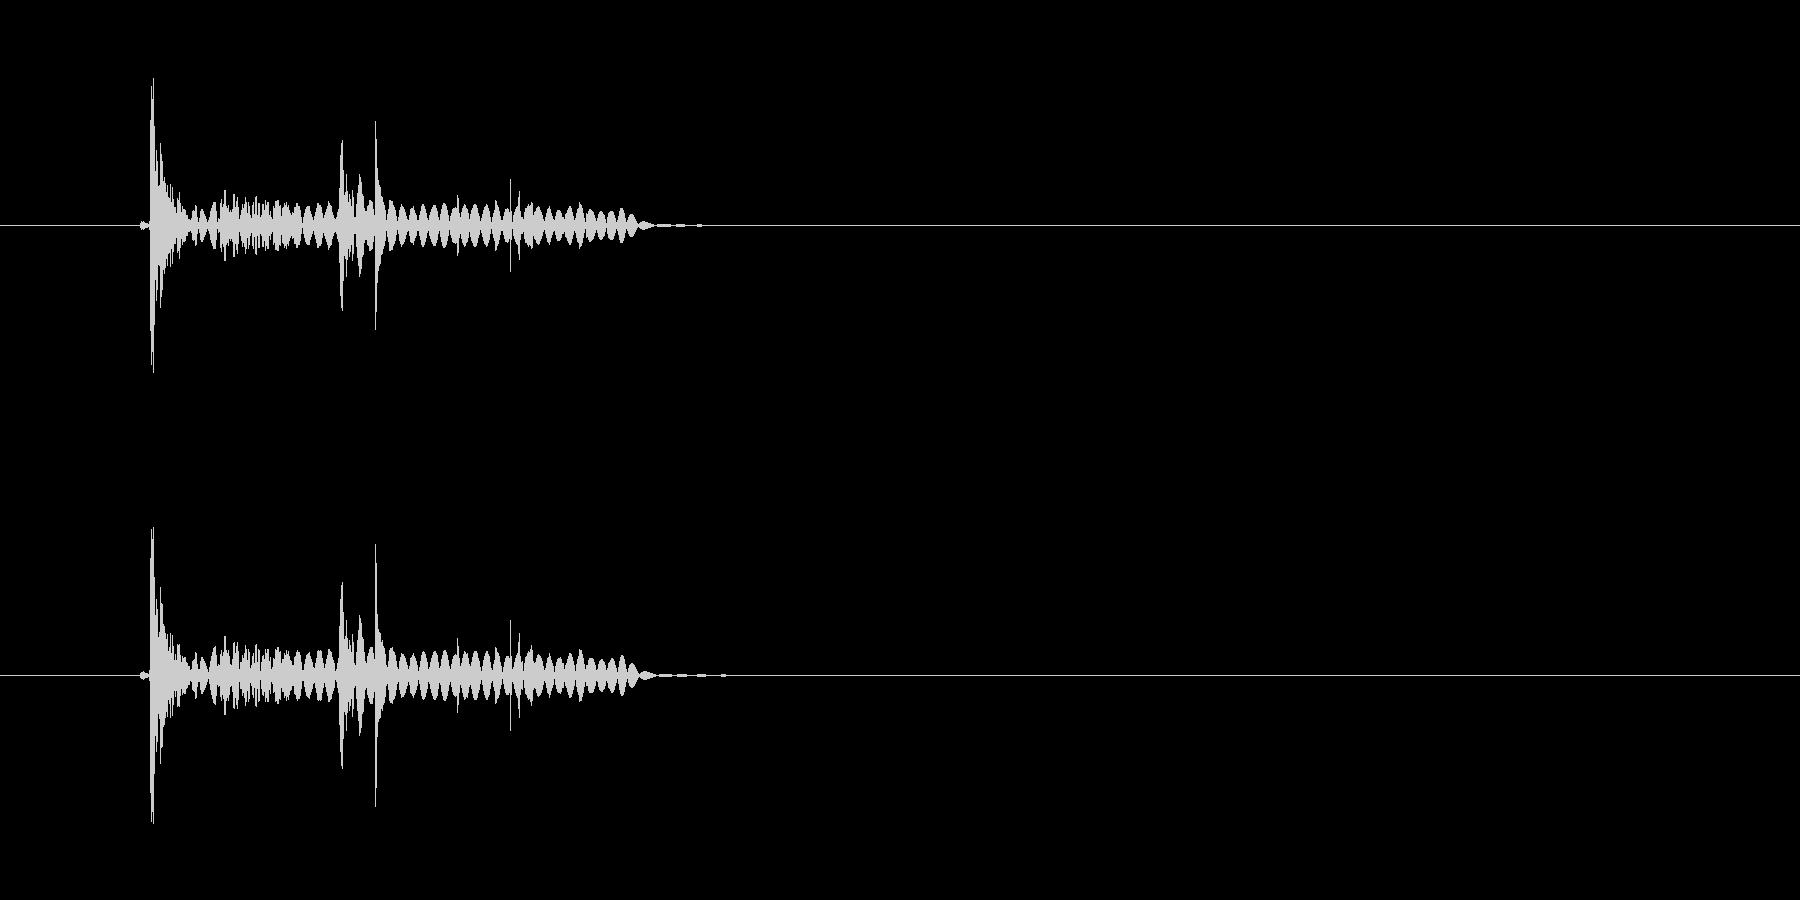 トップン(水中に落下する音)の未再生の波形